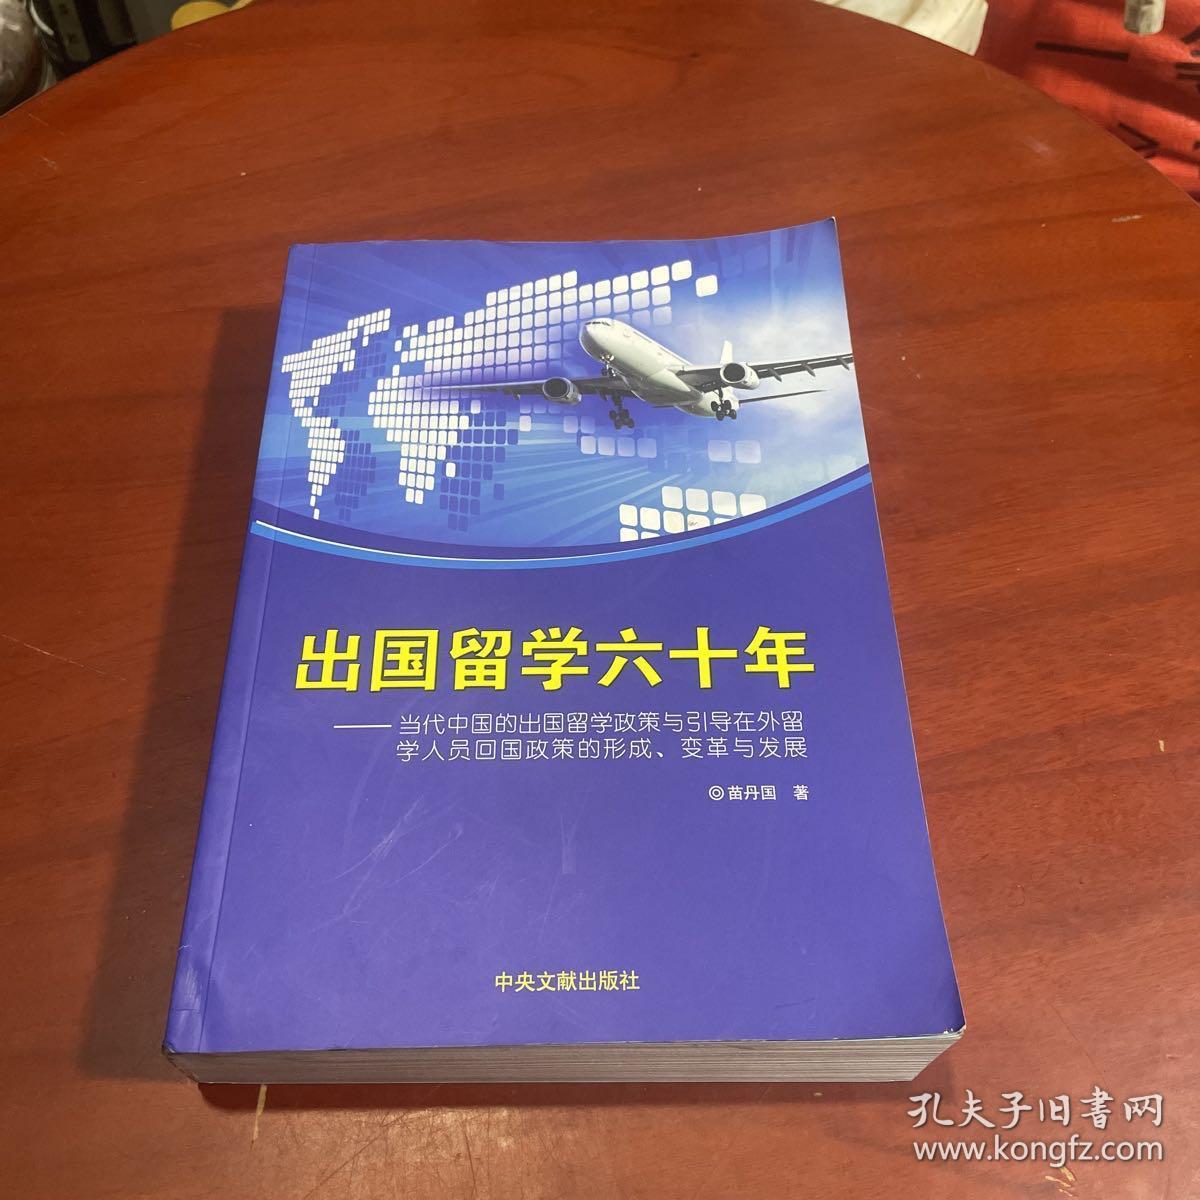 出国留学六十年 : 当代中国出国留学政策与引导在 外留学人员回国政策的形成、改革与发展